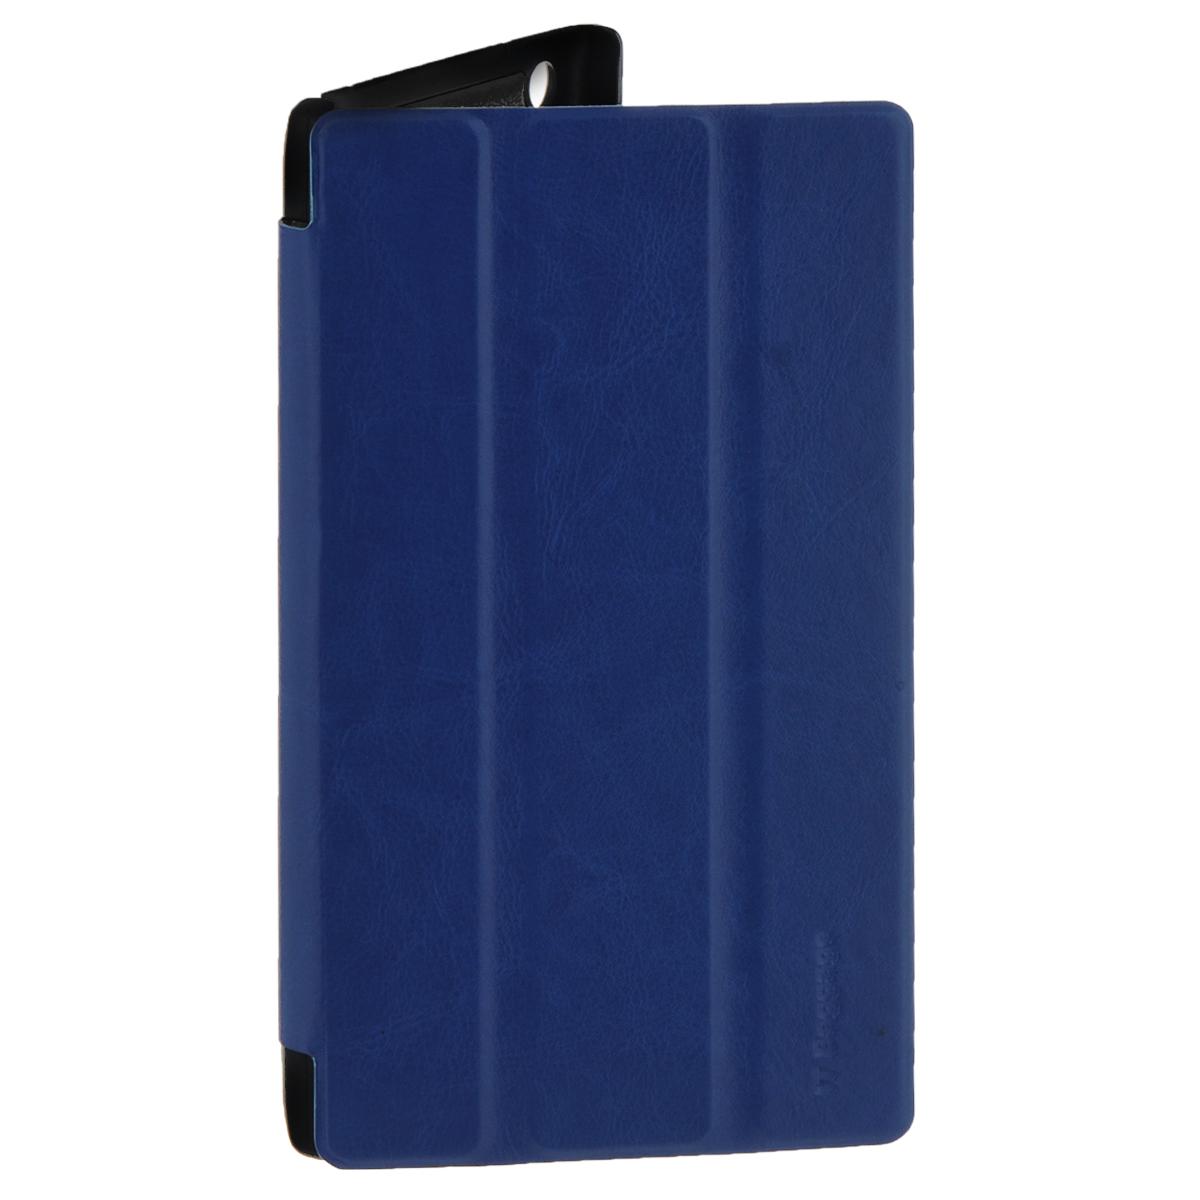 IT Baggage чехол для планшета Lenovo Idea Tab 2 7 A7-30, BlueITLNA7302-4IT Baggage для Lenovo Idea Tab 2 7 A7-30 - удобный и надежный чехол, который надежно защищает ваше устройство от внешних воздействий, грязи, пыли, брызг. Данный чехол поможет при ударах и падениях, смягчая их, и не позволяя образовываться на корпусе царапинам, потертостям. Кроме того, он будет незаменим при длительной транспортировке устройства. Обеспечивает свободный доступ ко всем разъемам и клавишам планшета.